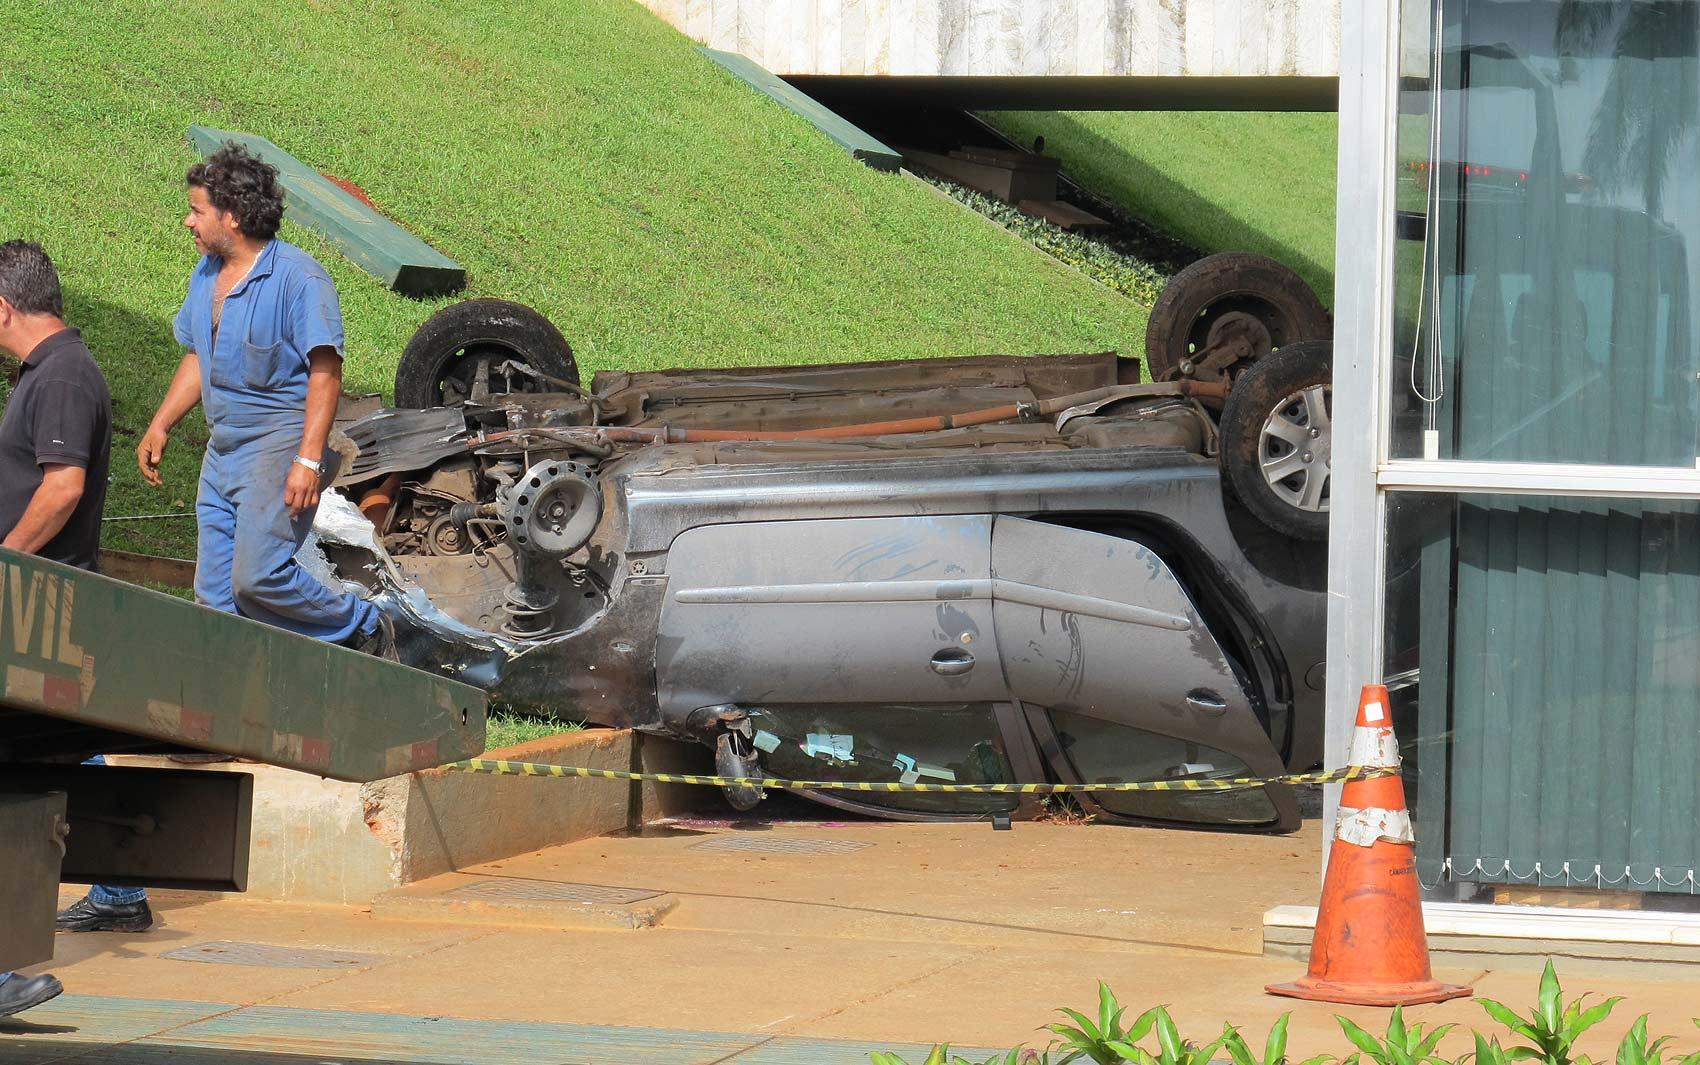 Veículo tombado em frente à lateral do edifício da Câmara dos Deputados na manhã desta quarta (22)